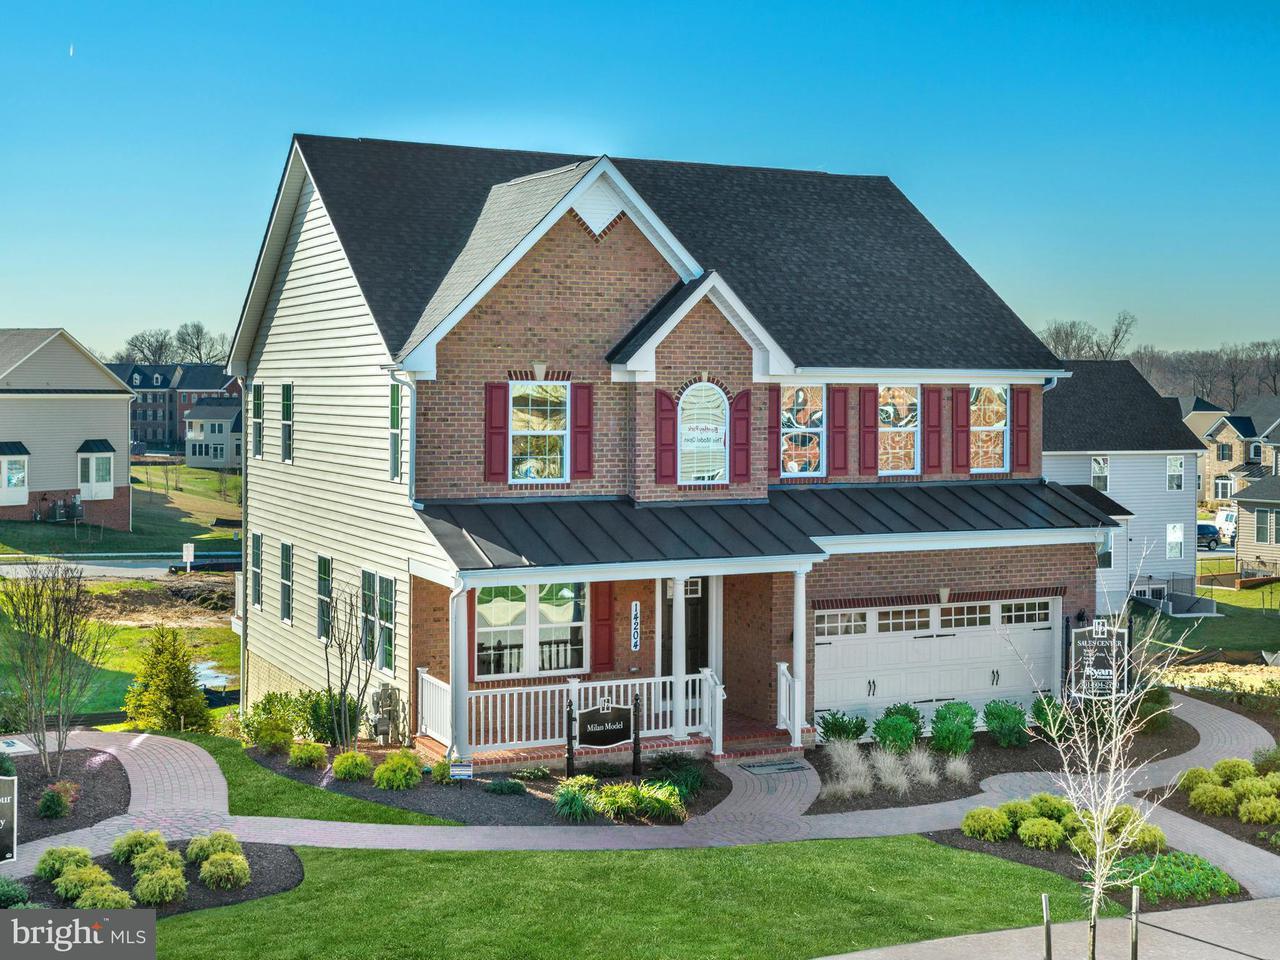 独户住宅 为 销售 在 14812 SADDLE CREEK Drive 14812 SADDLE CREEK Drive Burtonsville, 马里兰州 20866 美国